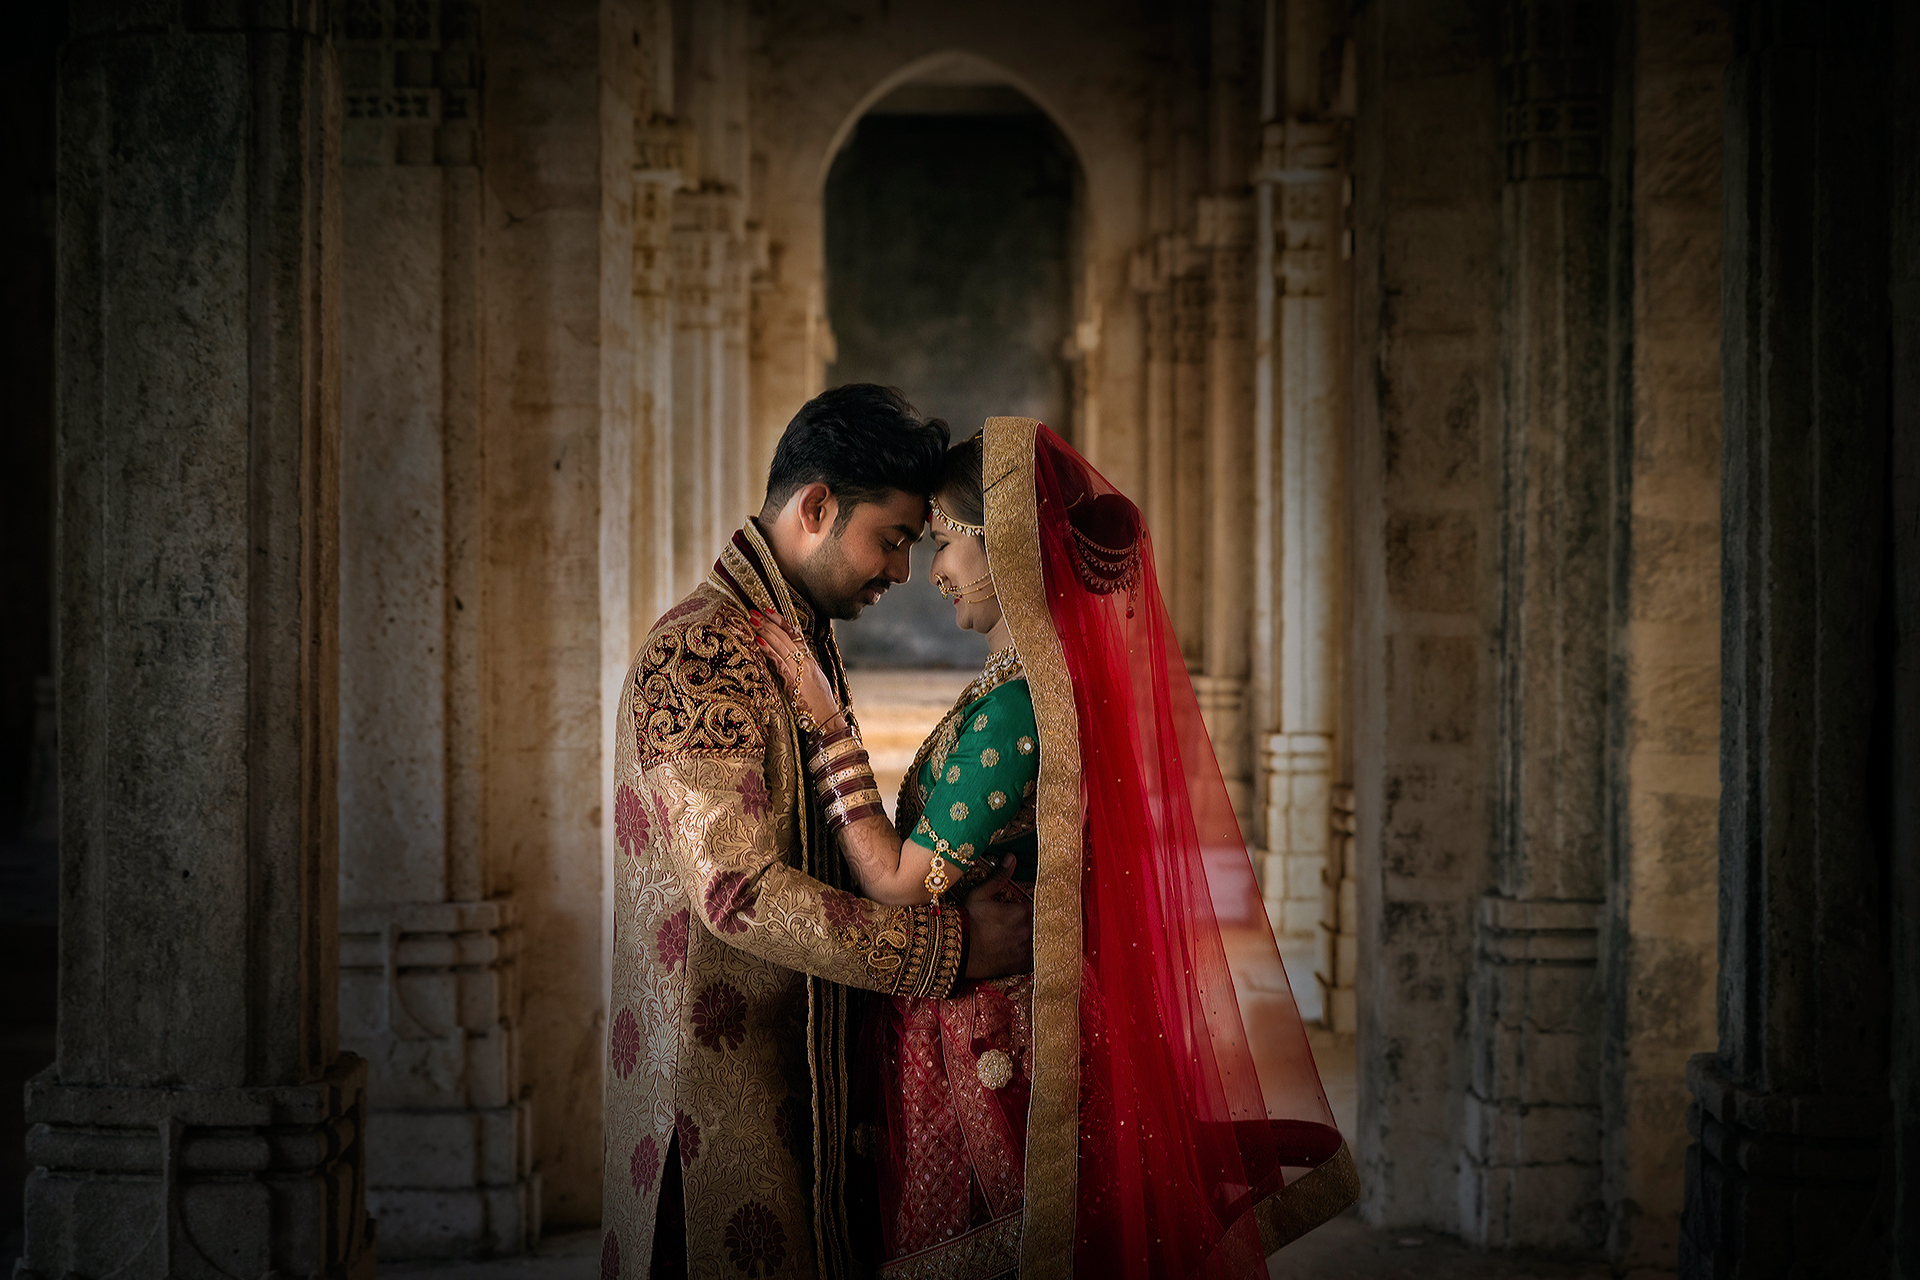 A fairytale wedding......